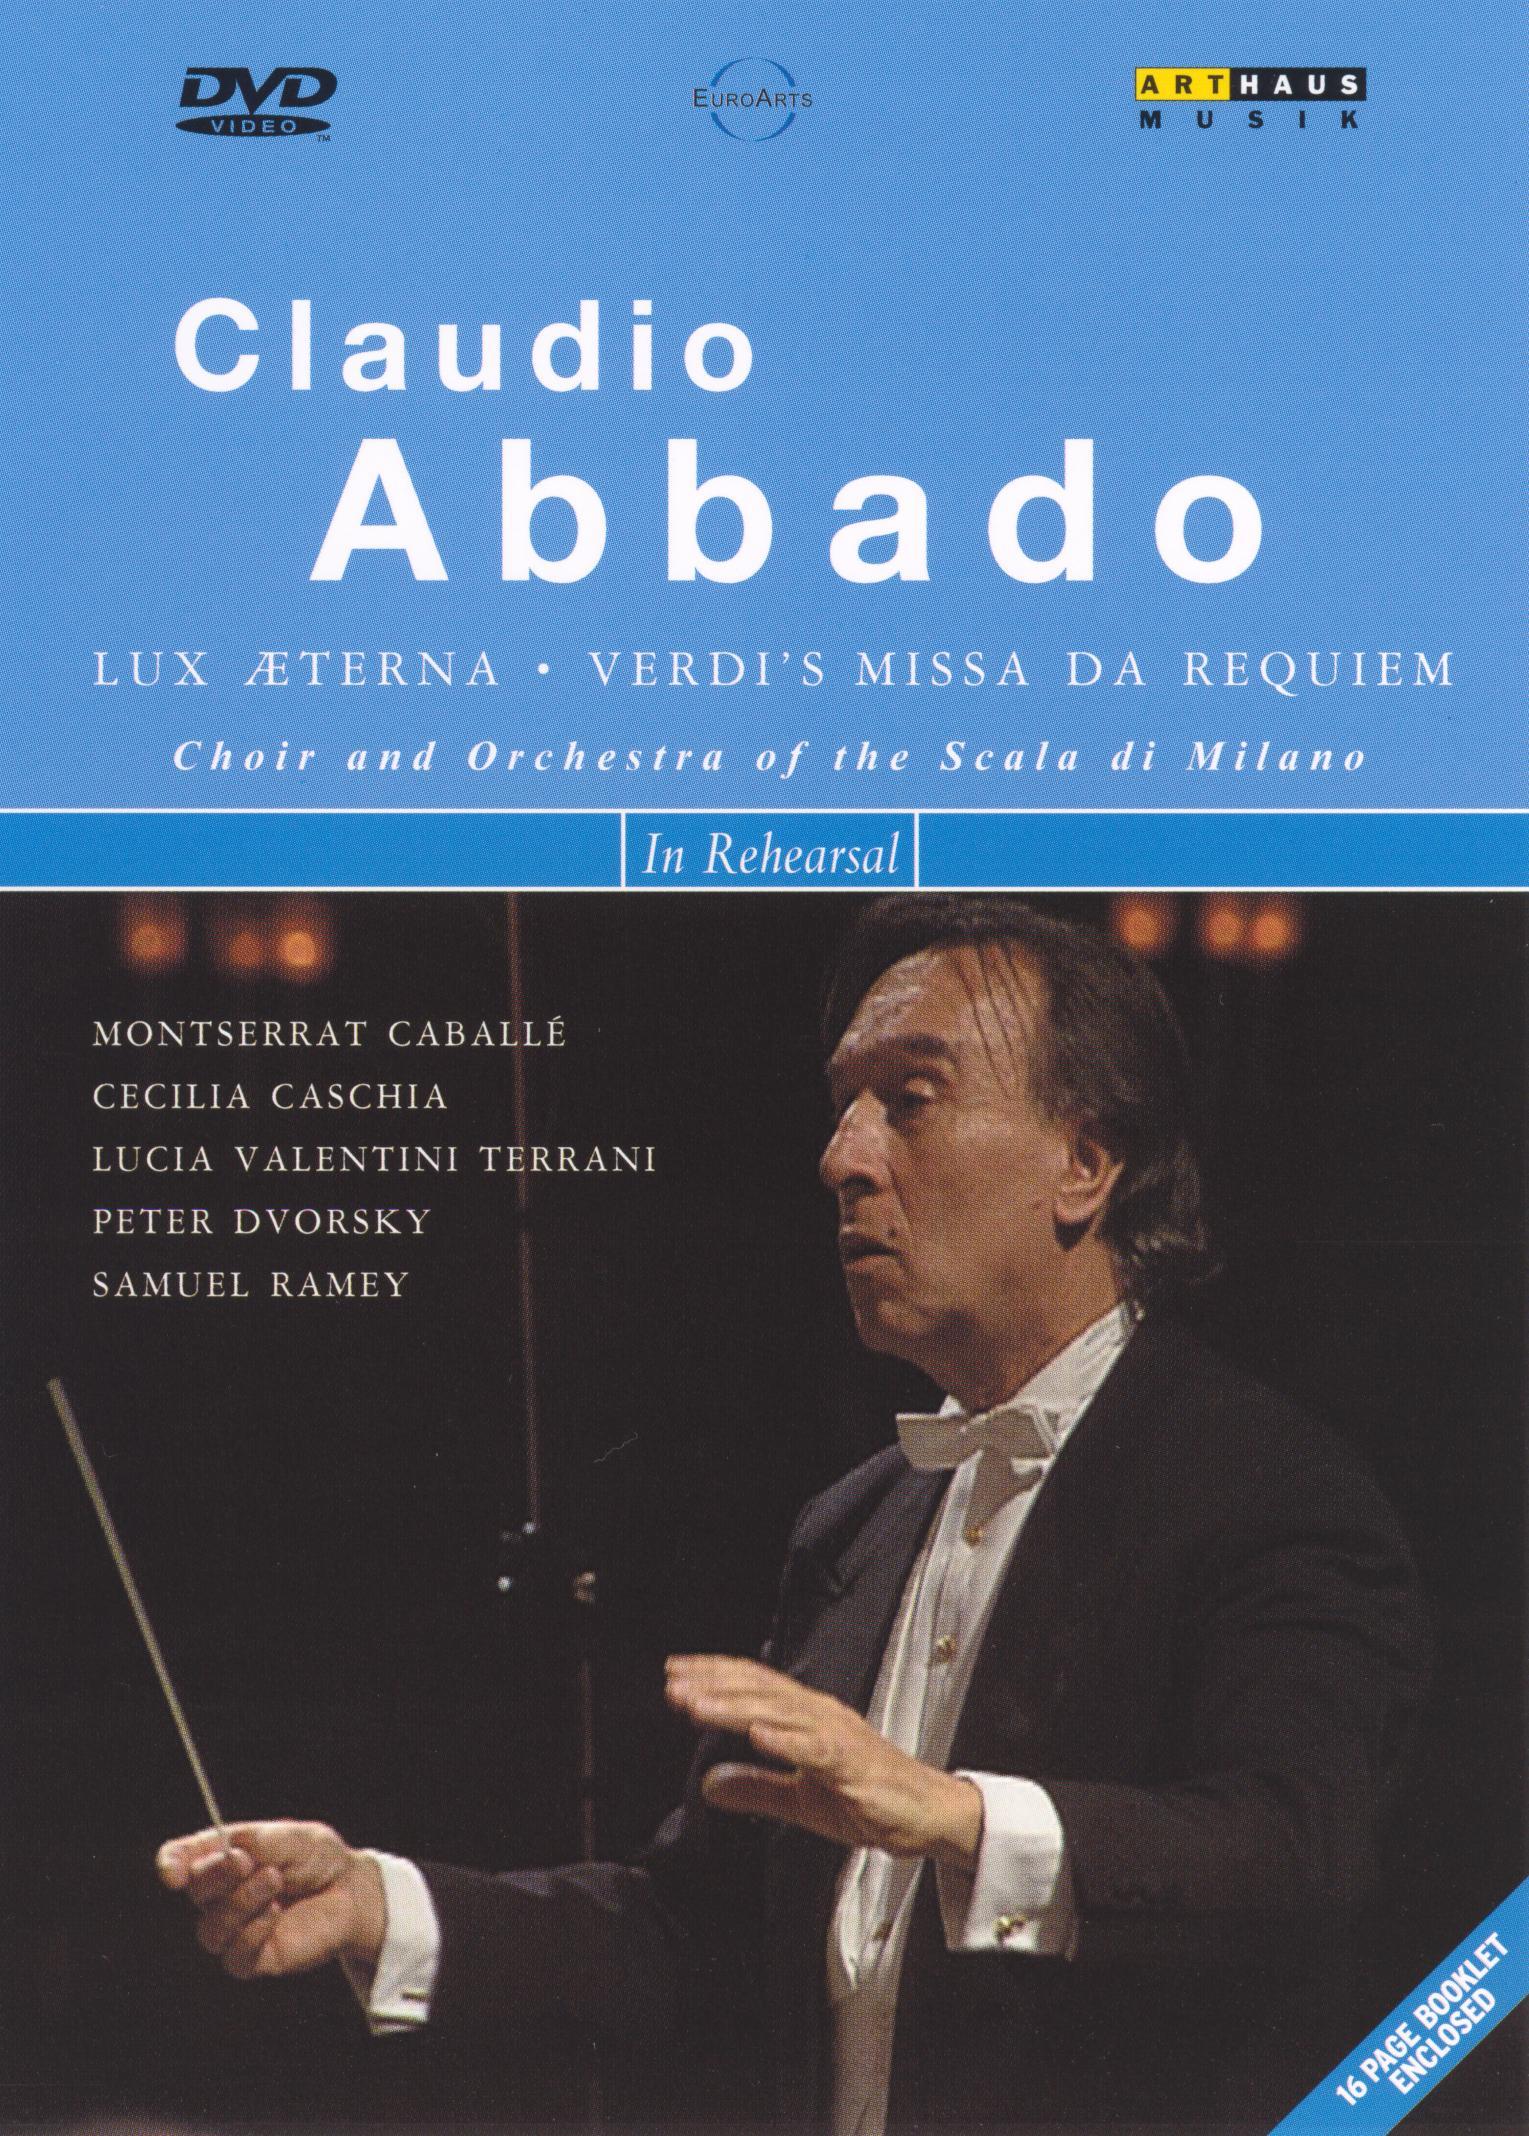 Claudio Abbado in Rehearsal: Verdi's Missa Da Requiem